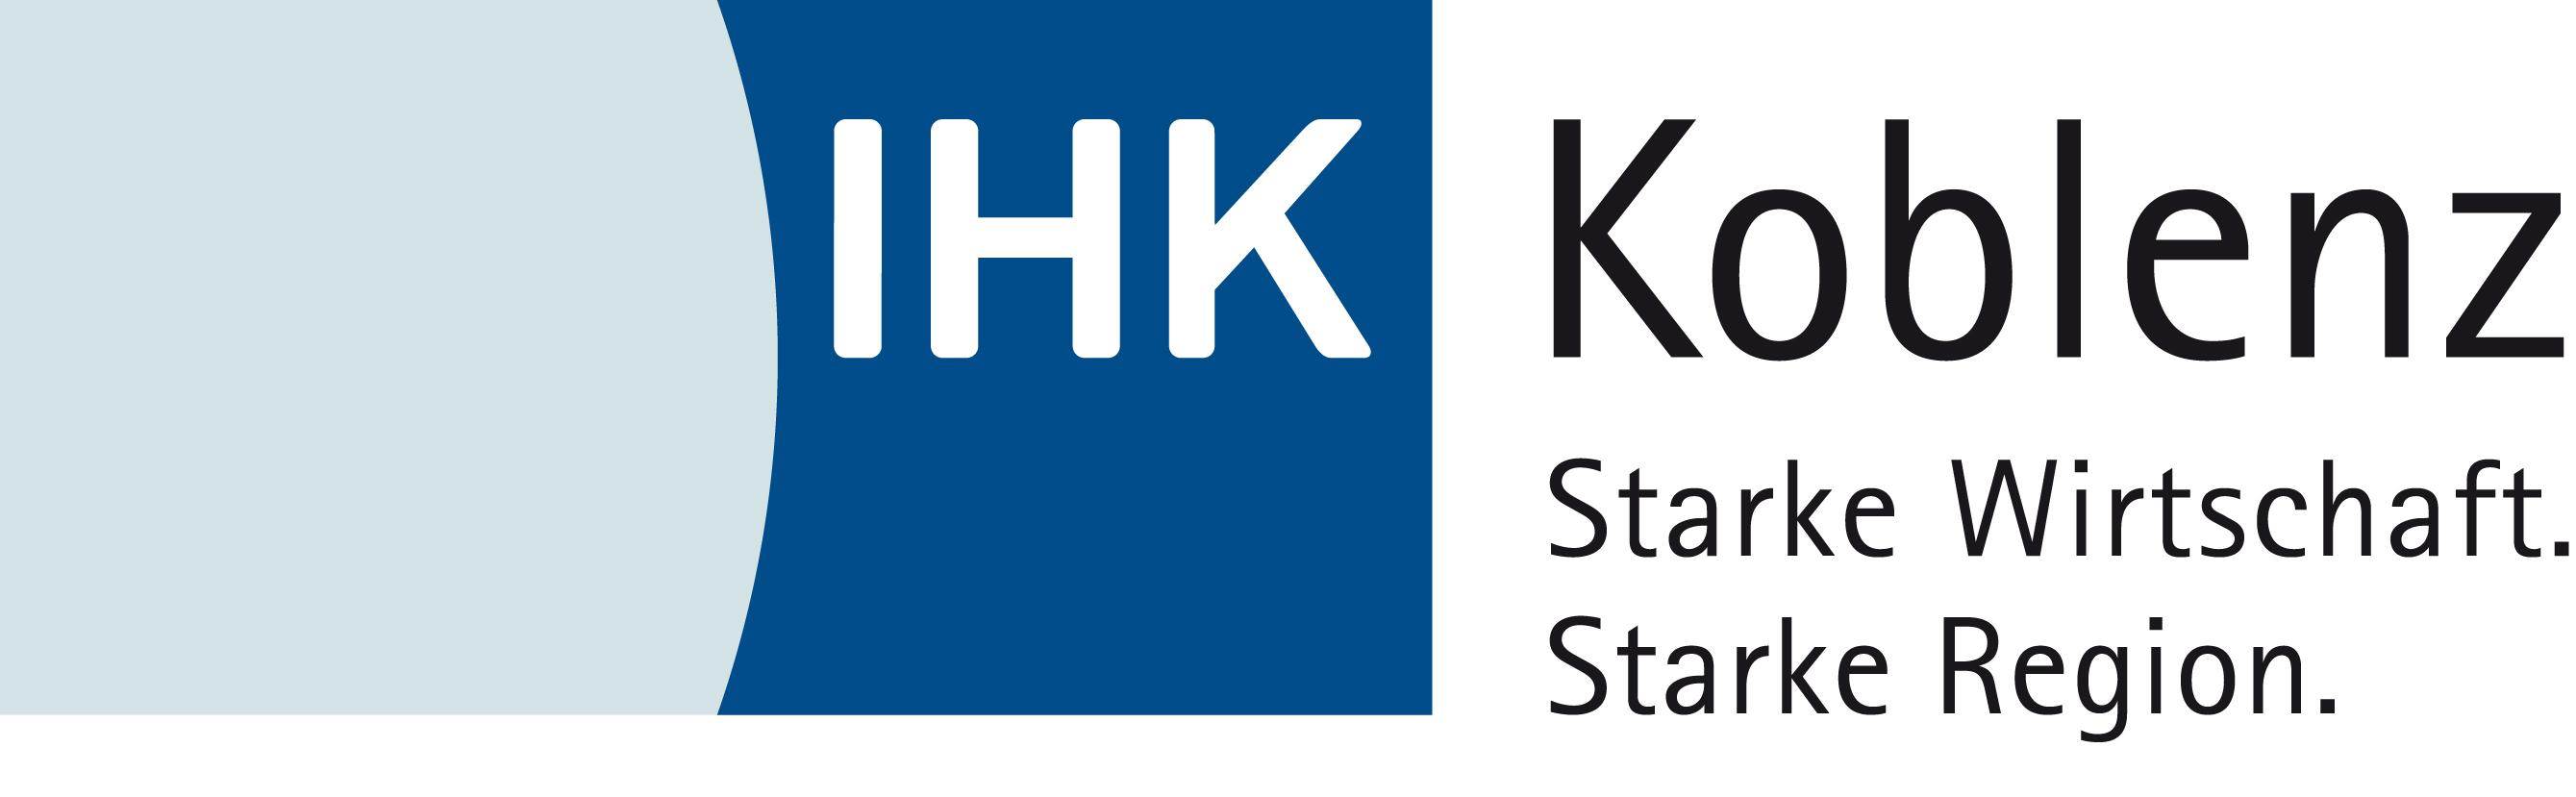 IHK Koblenz setzt Erhebung der Beiträge vorübergehend aus